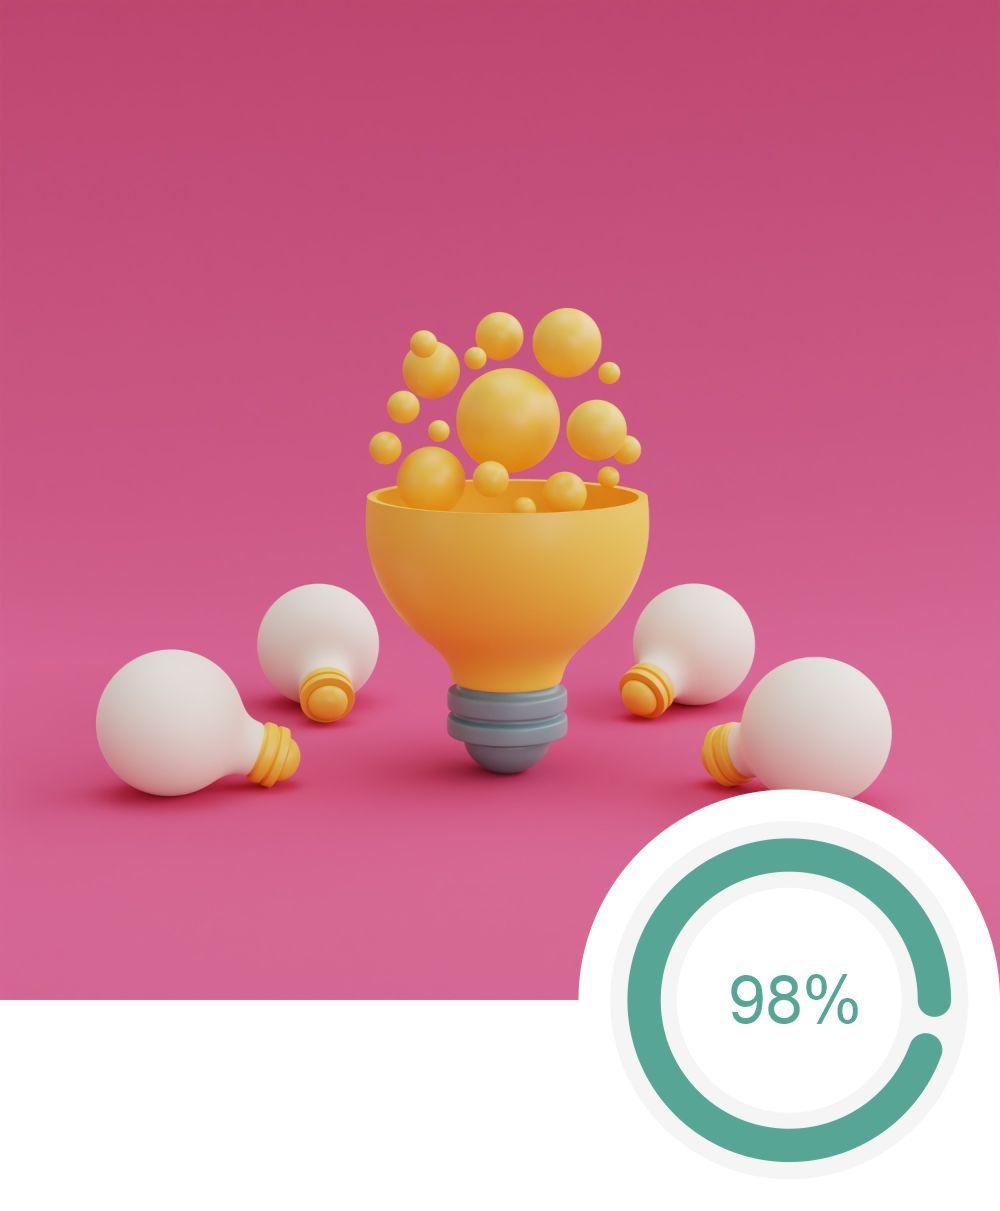 Delegate optimization tasks to us.<br>